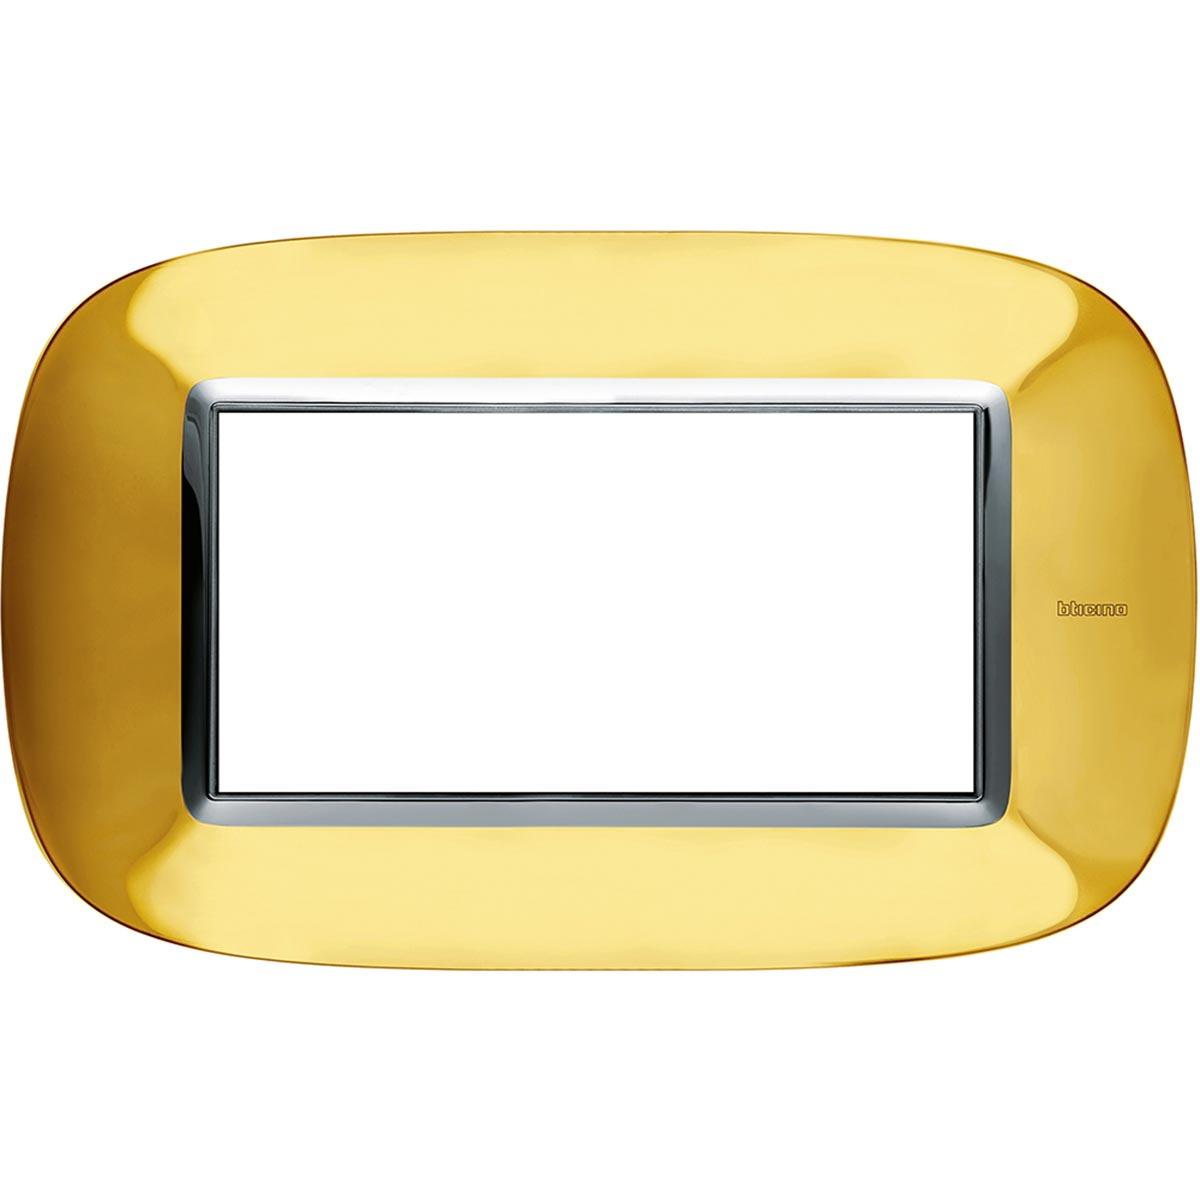 HB4804OR axolute bticino placche oro lucido 4 posti